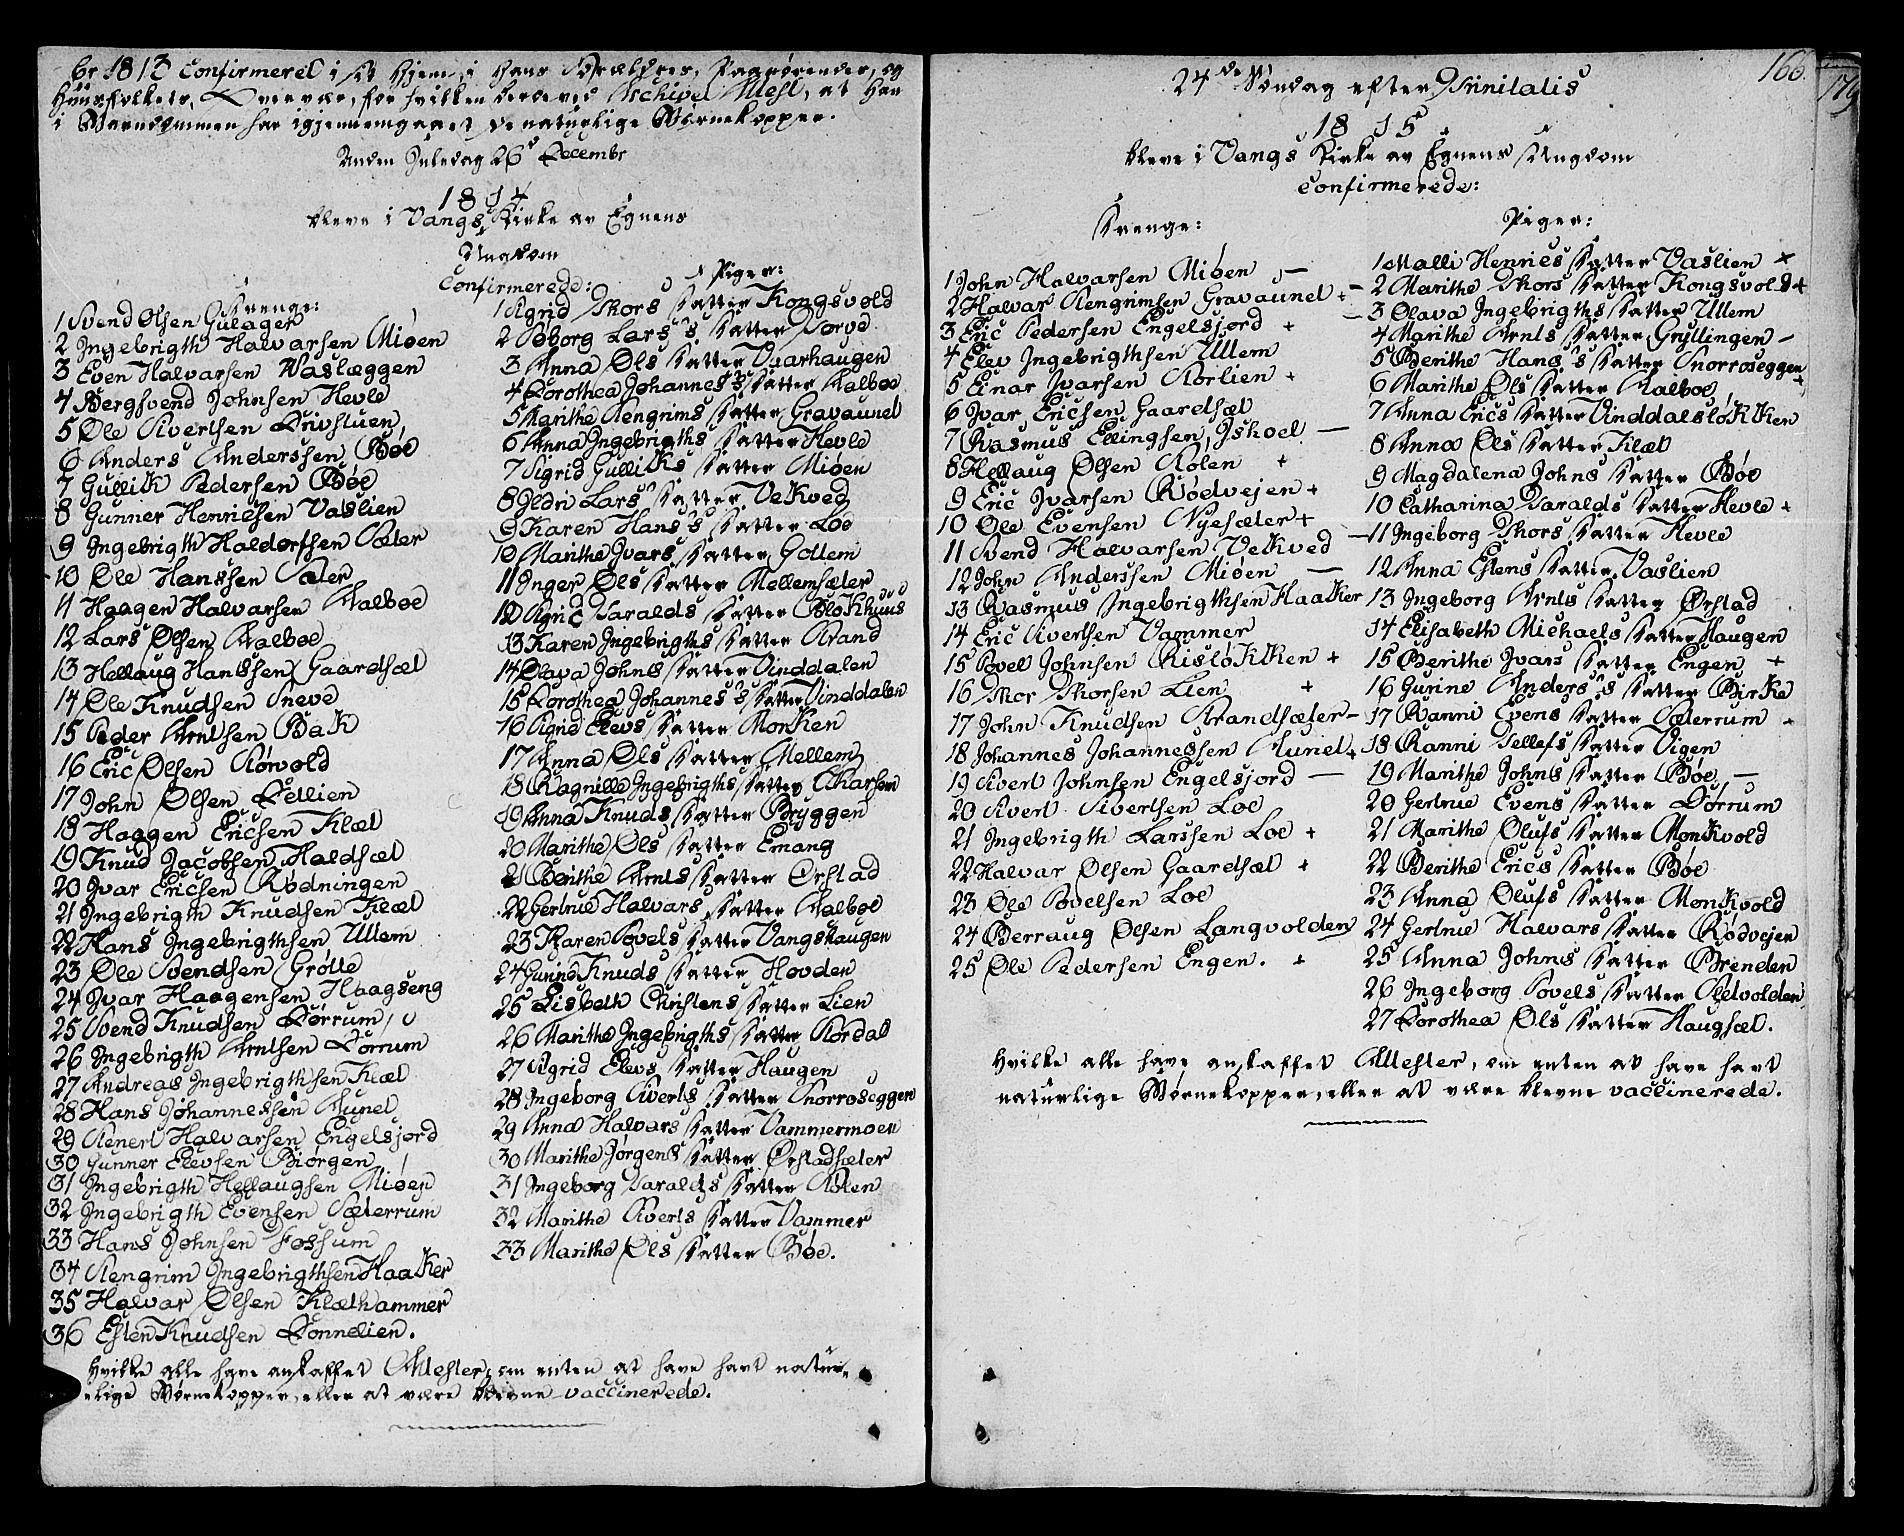 SAT, Ministerialprotokoller, klokkerbøker og fødselsregistre - Sør-Trøndelag, 678/L0894: Ministerialbok nr. 678A04, 1806-1815, s. 166